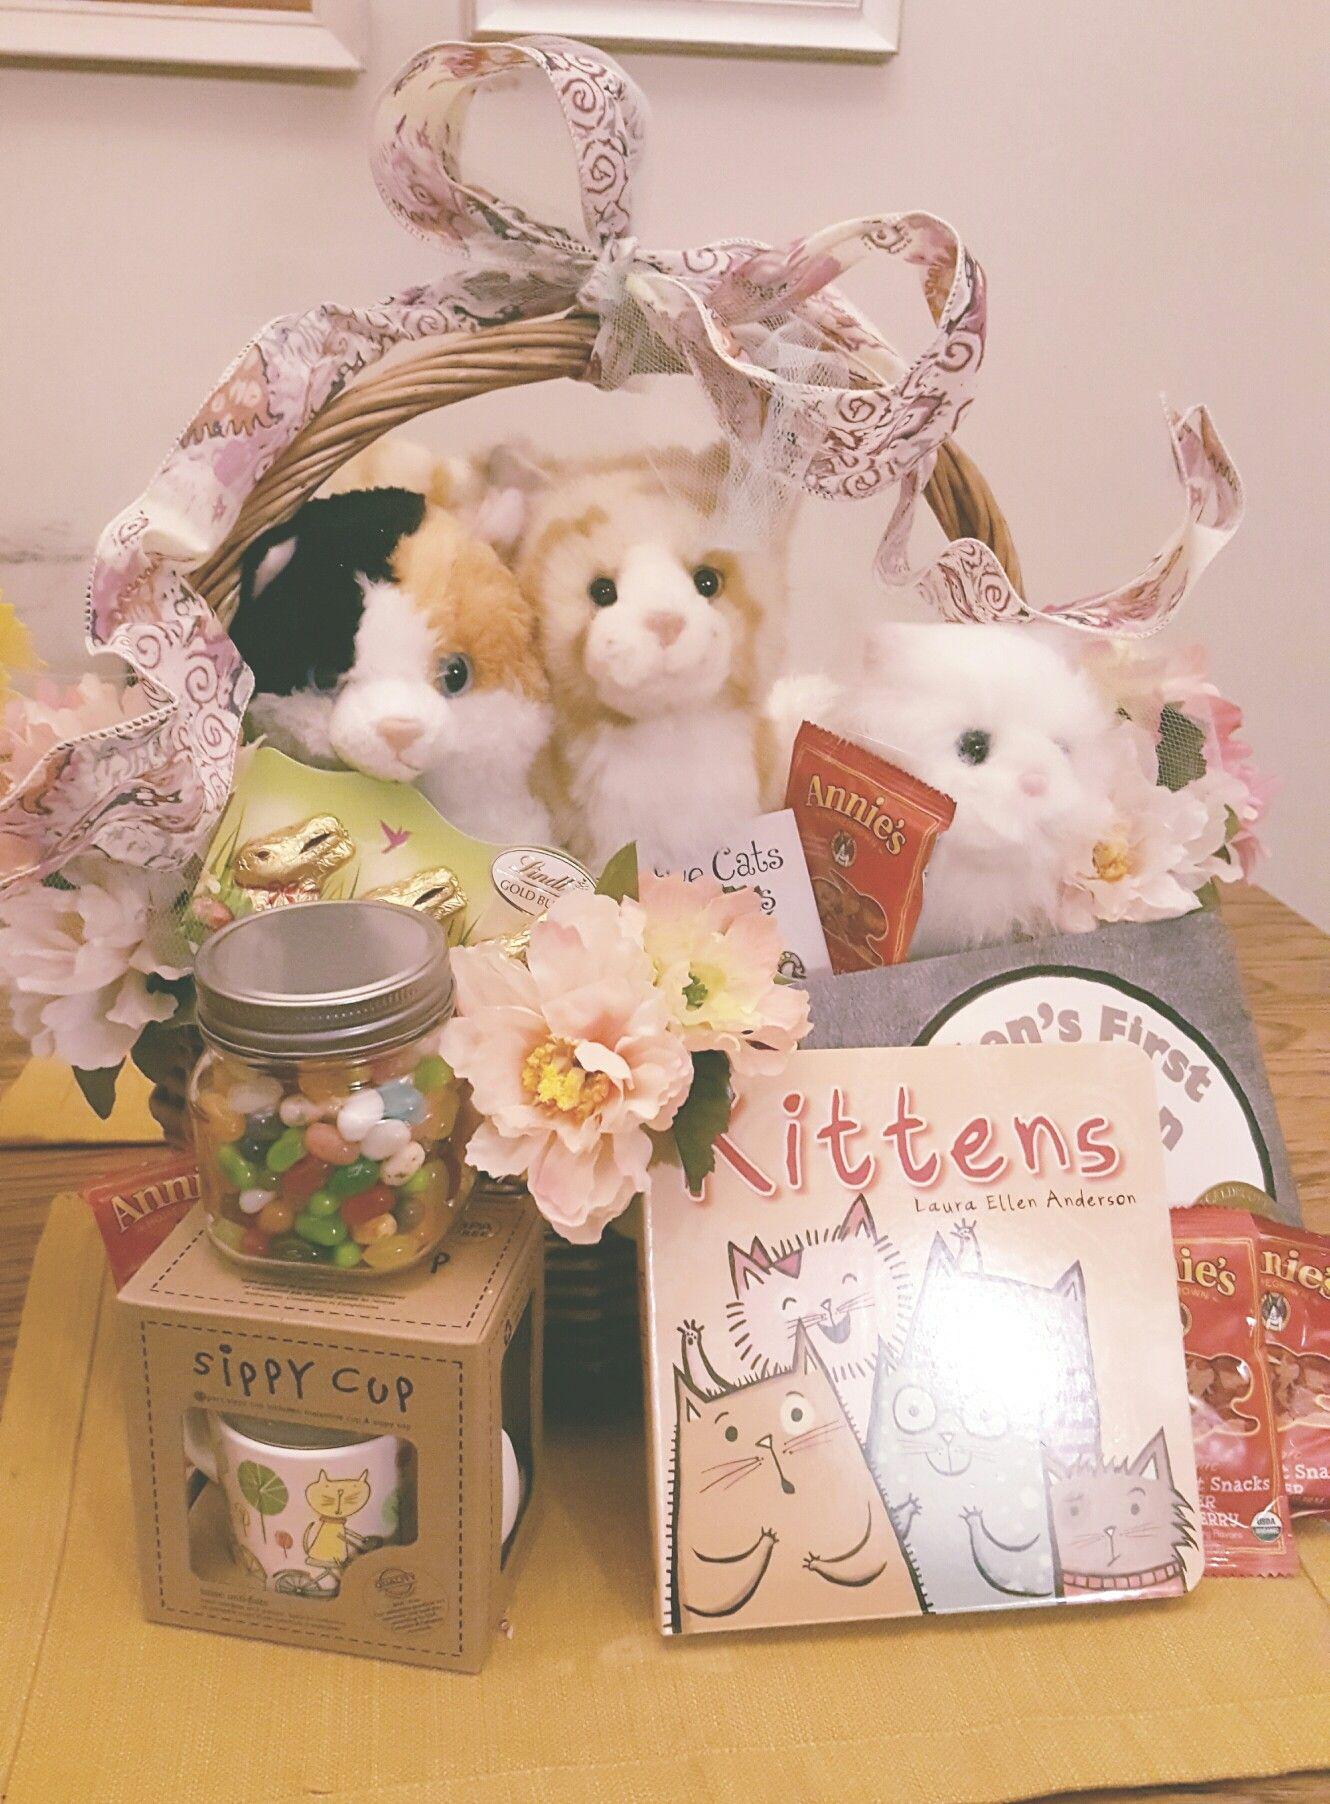 Easter basket ideas for the little girls who love kittens